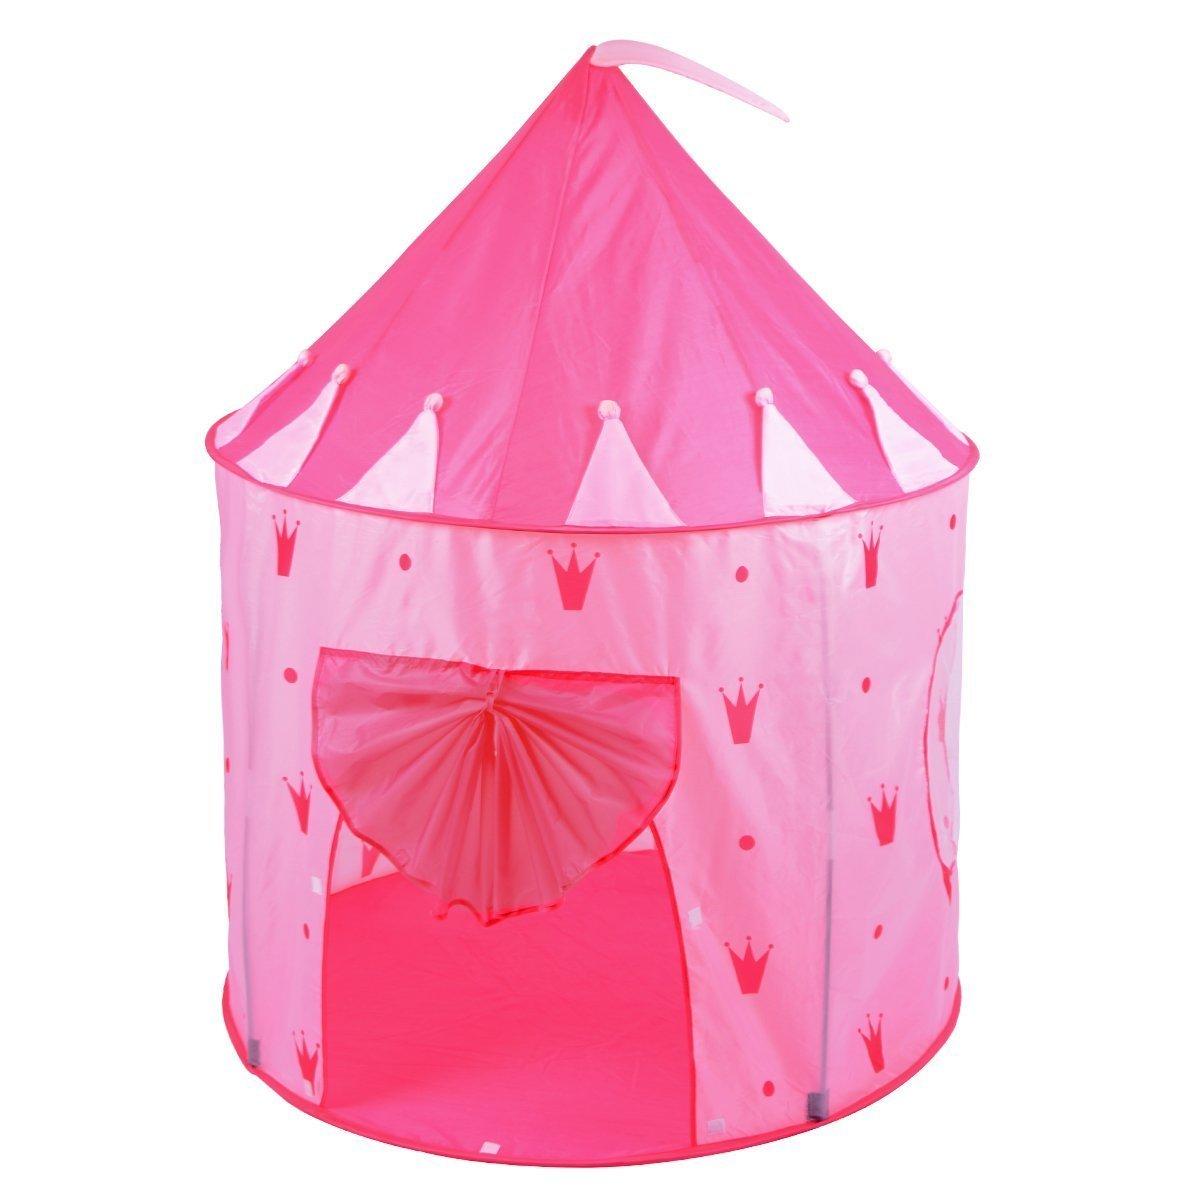 Alina Girl Pink Play Tent Crown Indoor Outdoor Princess Castle